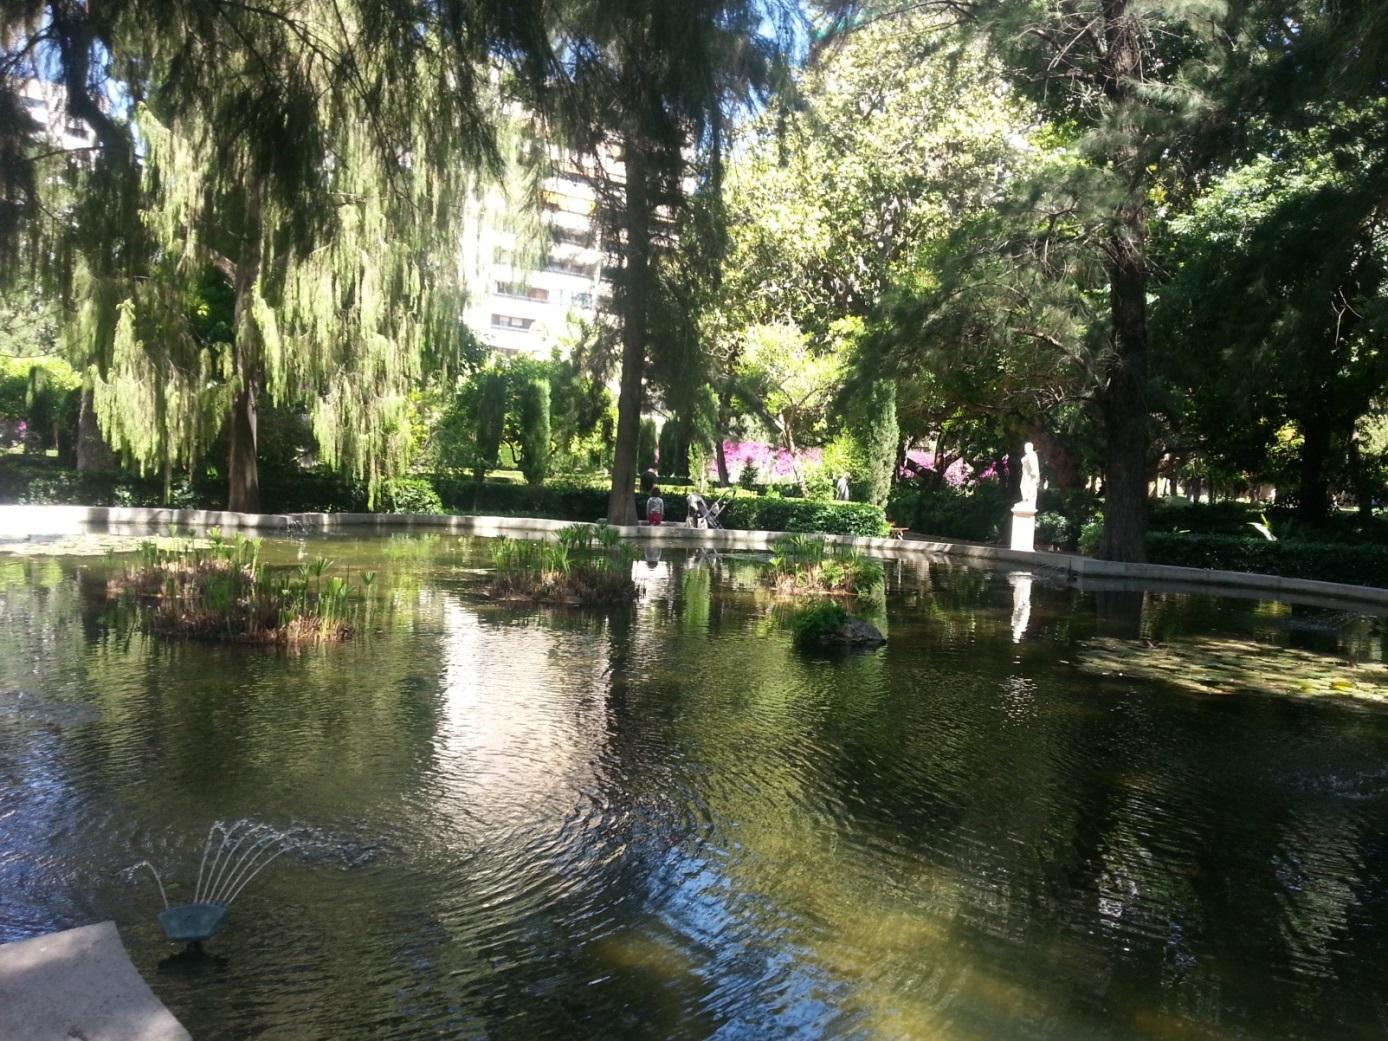 C:\Users\Gonzalo\Desktop\Nova Dimensio\Ver la ciudad\Jardín de Monforte\20170520_120704.jpg